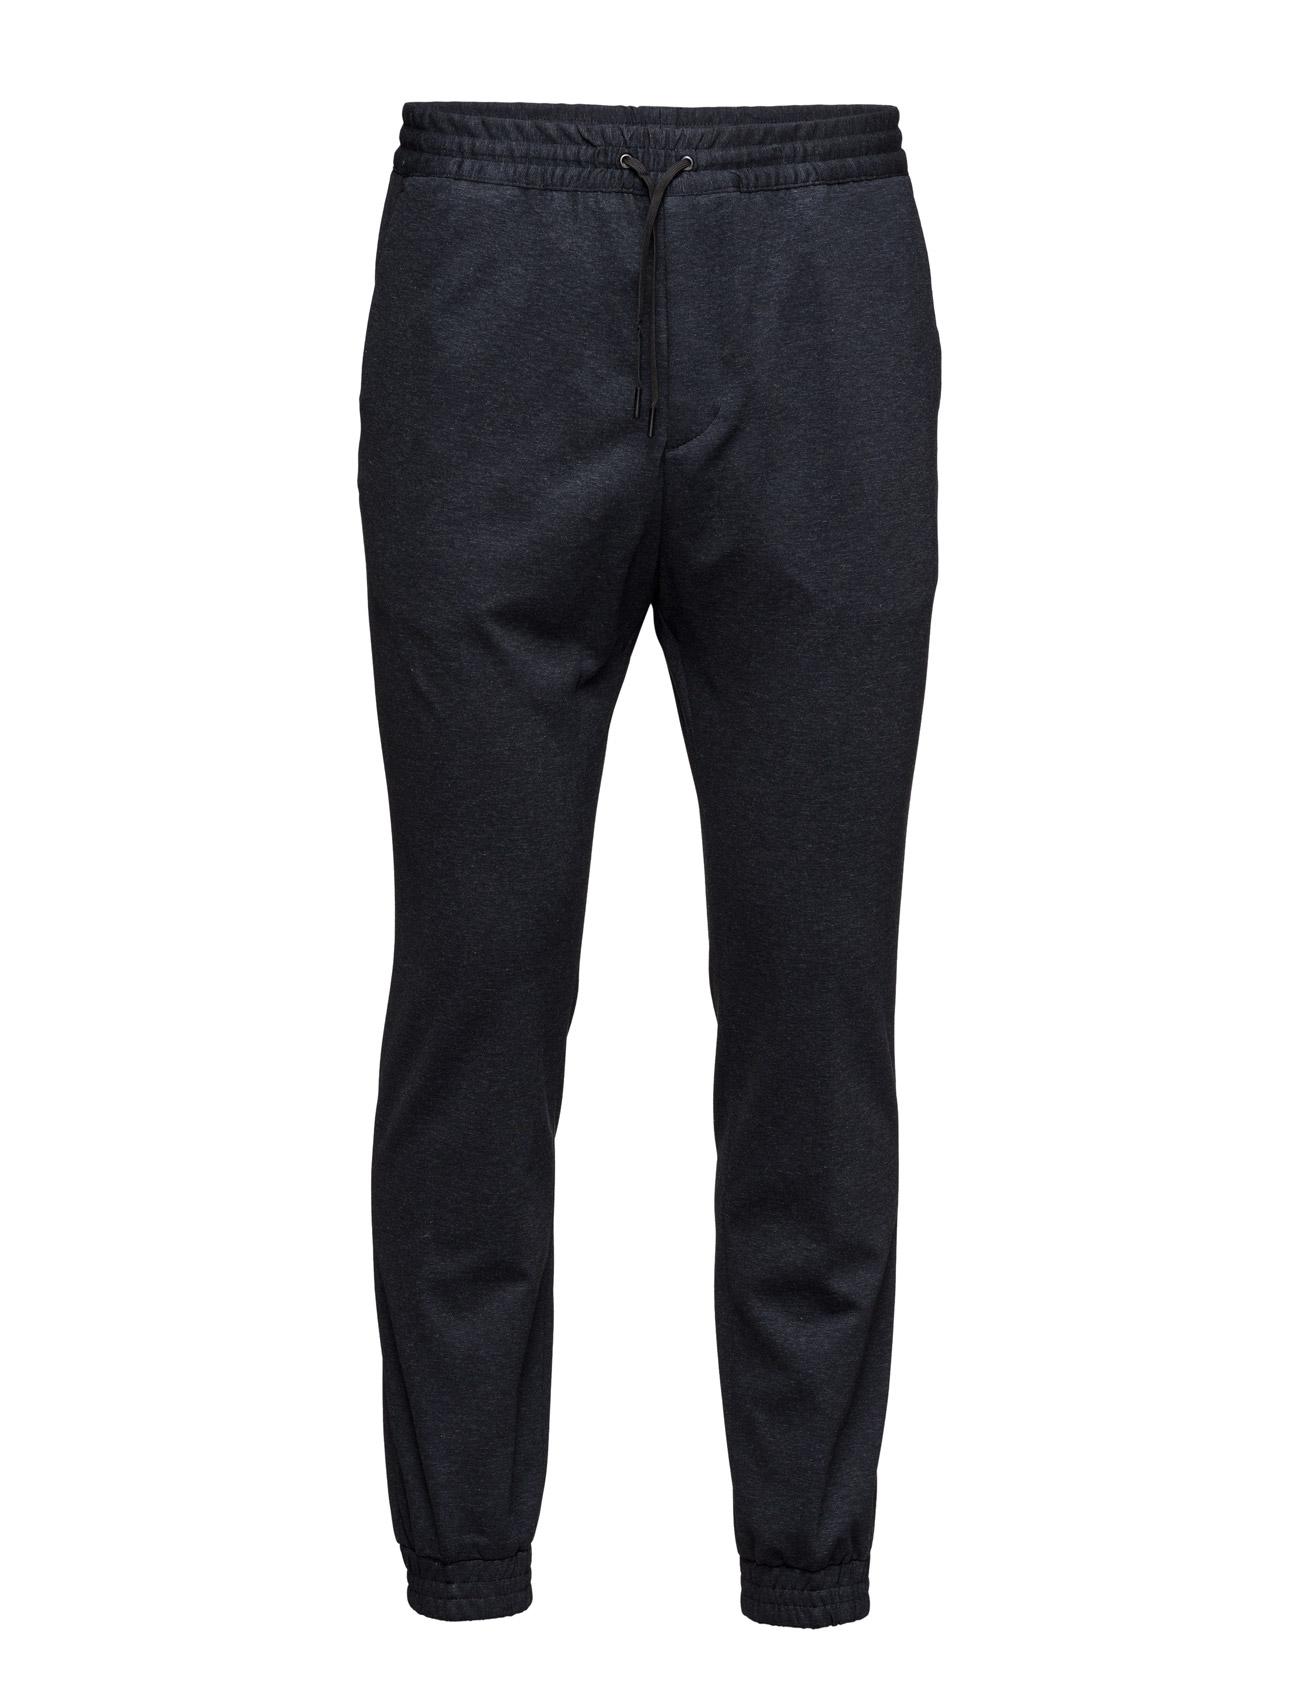 Pivo Refined Jersey Calvin Klein Joggingbukser til Herrer i Navy blå